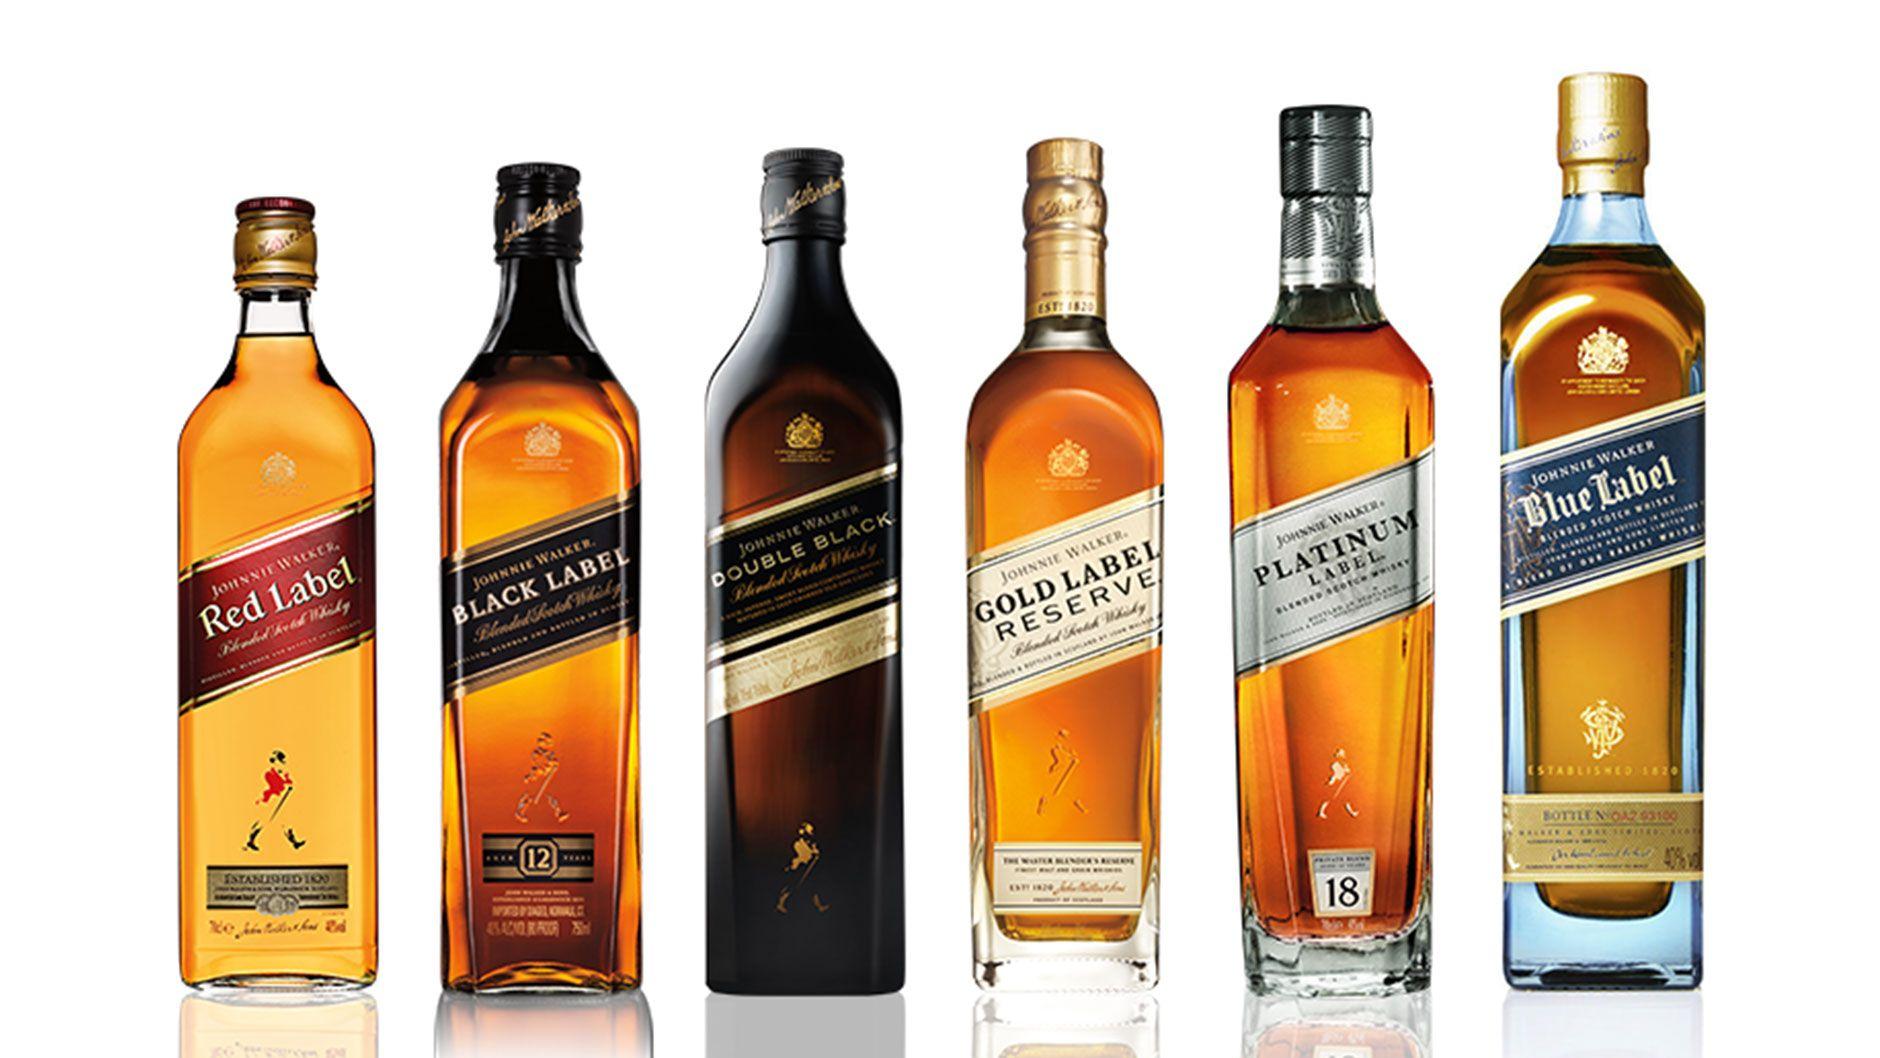 Bottle Of Johnnie Walker Colour Whisky Range Garrafas De Whisky